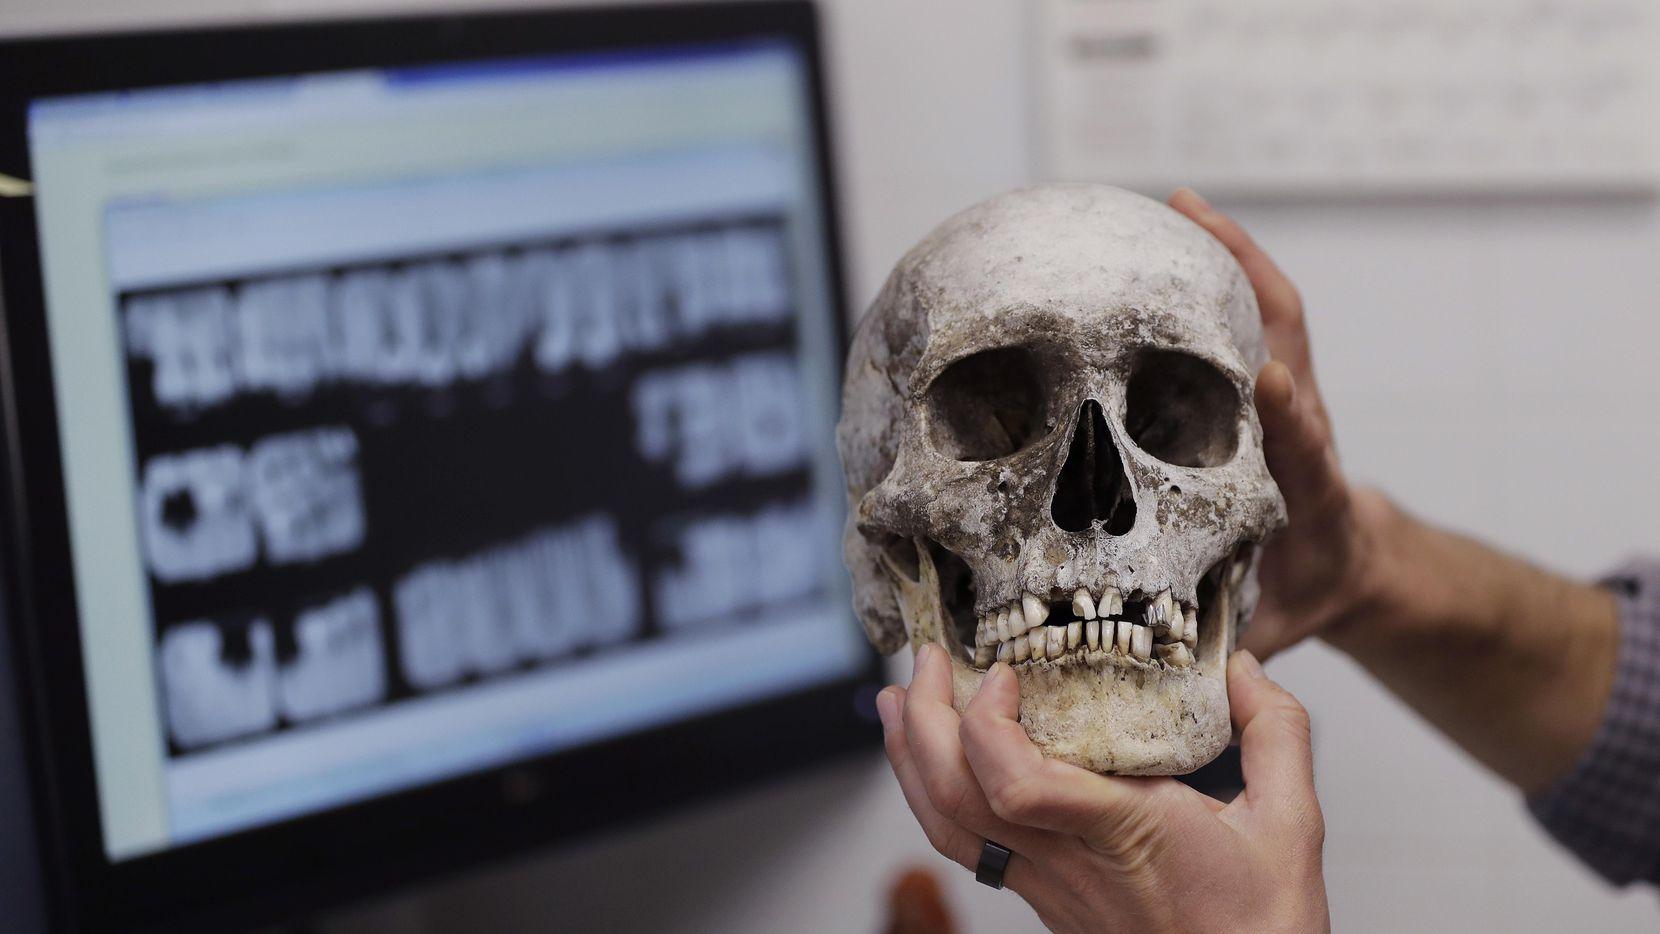 El doctor Tim Gocha usa archivos dentales mientras trabaja para identificar los restos de un inmigrante que murió en la frontera entre Estados Unidos y México, en el centro de Antropología Forénsica de Texas State, en San Marcos, Texas. (AP/ERIC GAY)